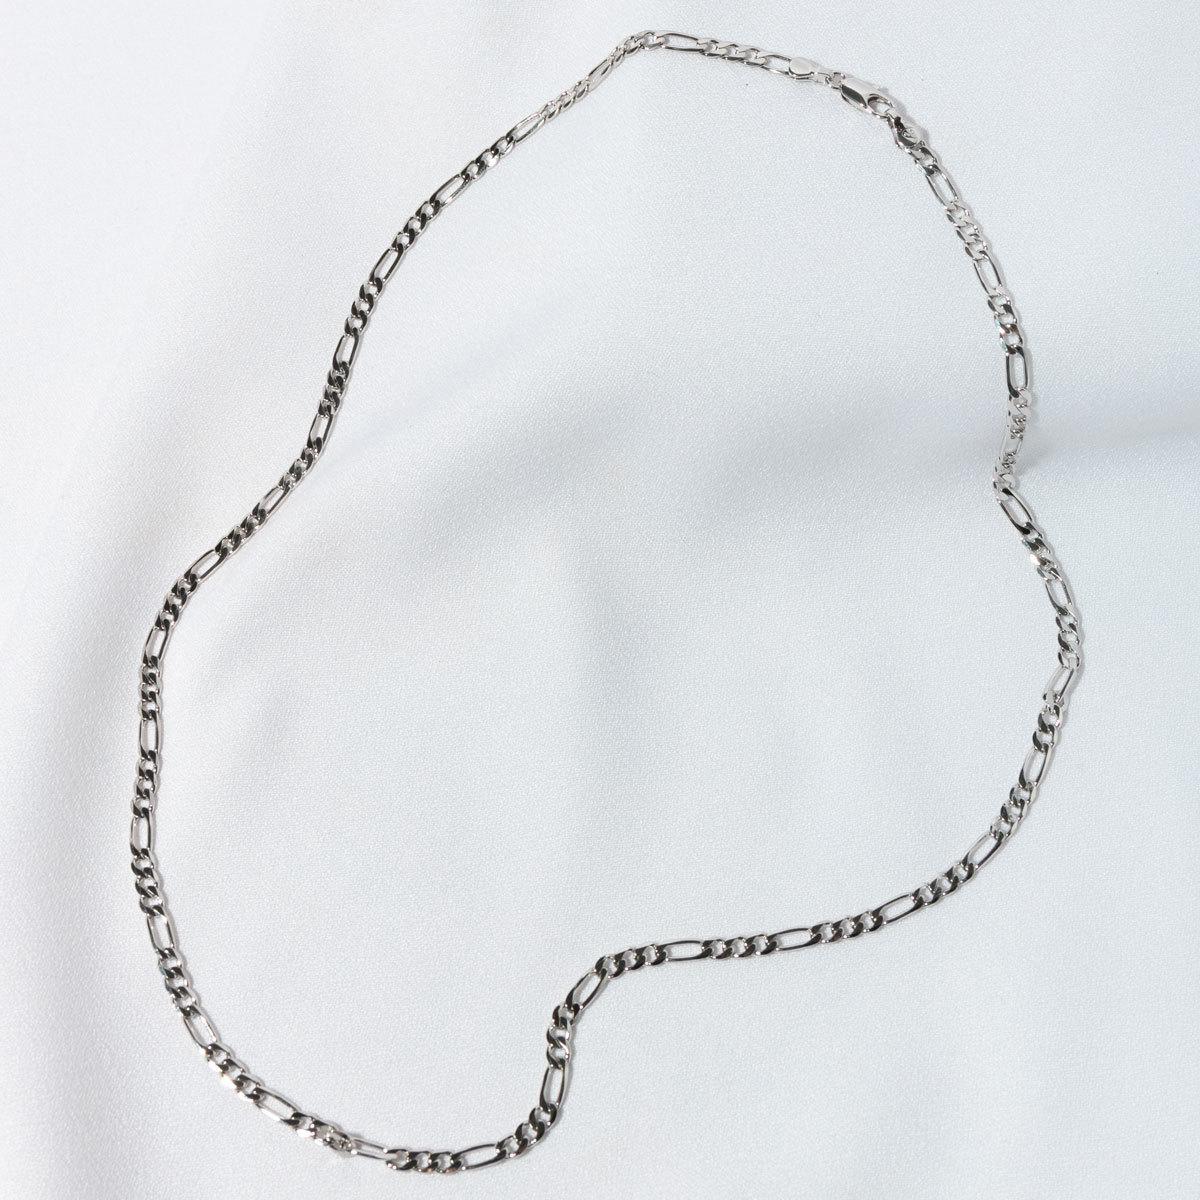 Цепь комбинированного плетения 3мм 60см (серебристый)